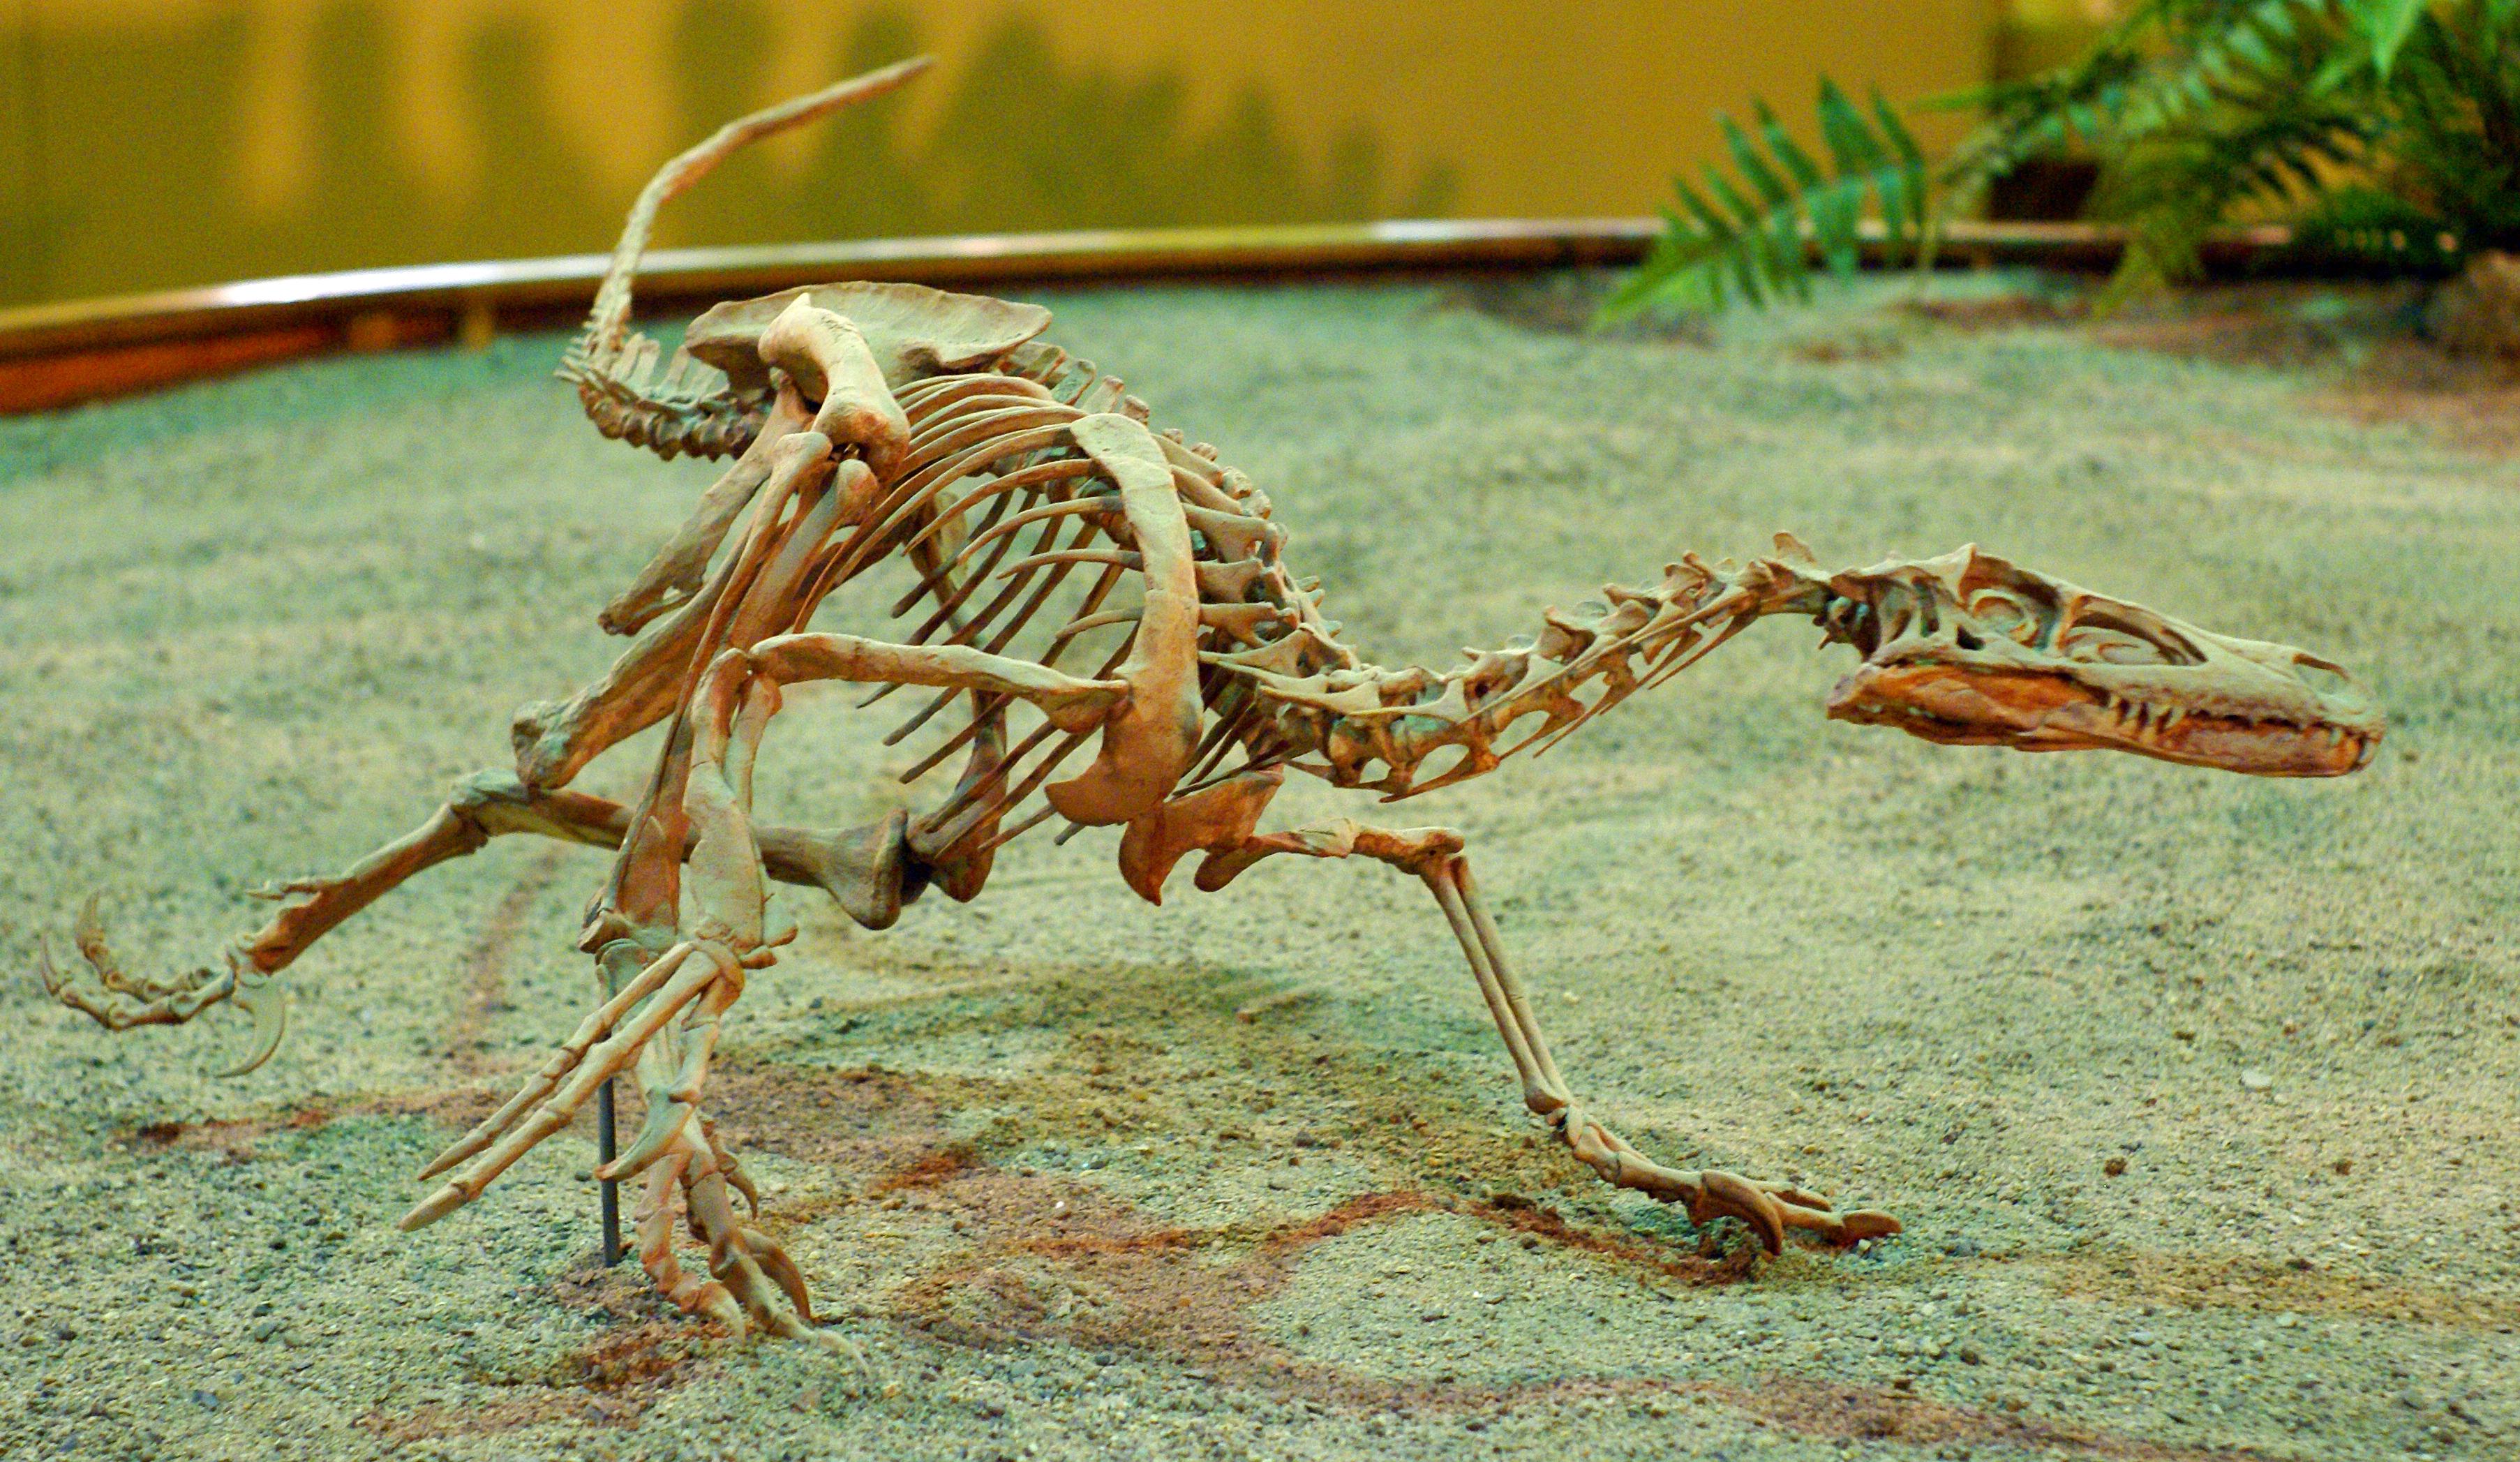 Velociraptor Wikipedia La Enciclopedia Libre El velociraptor es uno de los dinosaurios más famosos y más fascinantes que te vas a encontrar una de las características principales del velociraptor y que quizá no te esperas es que tenía plumas. velociraptor wikipedia la